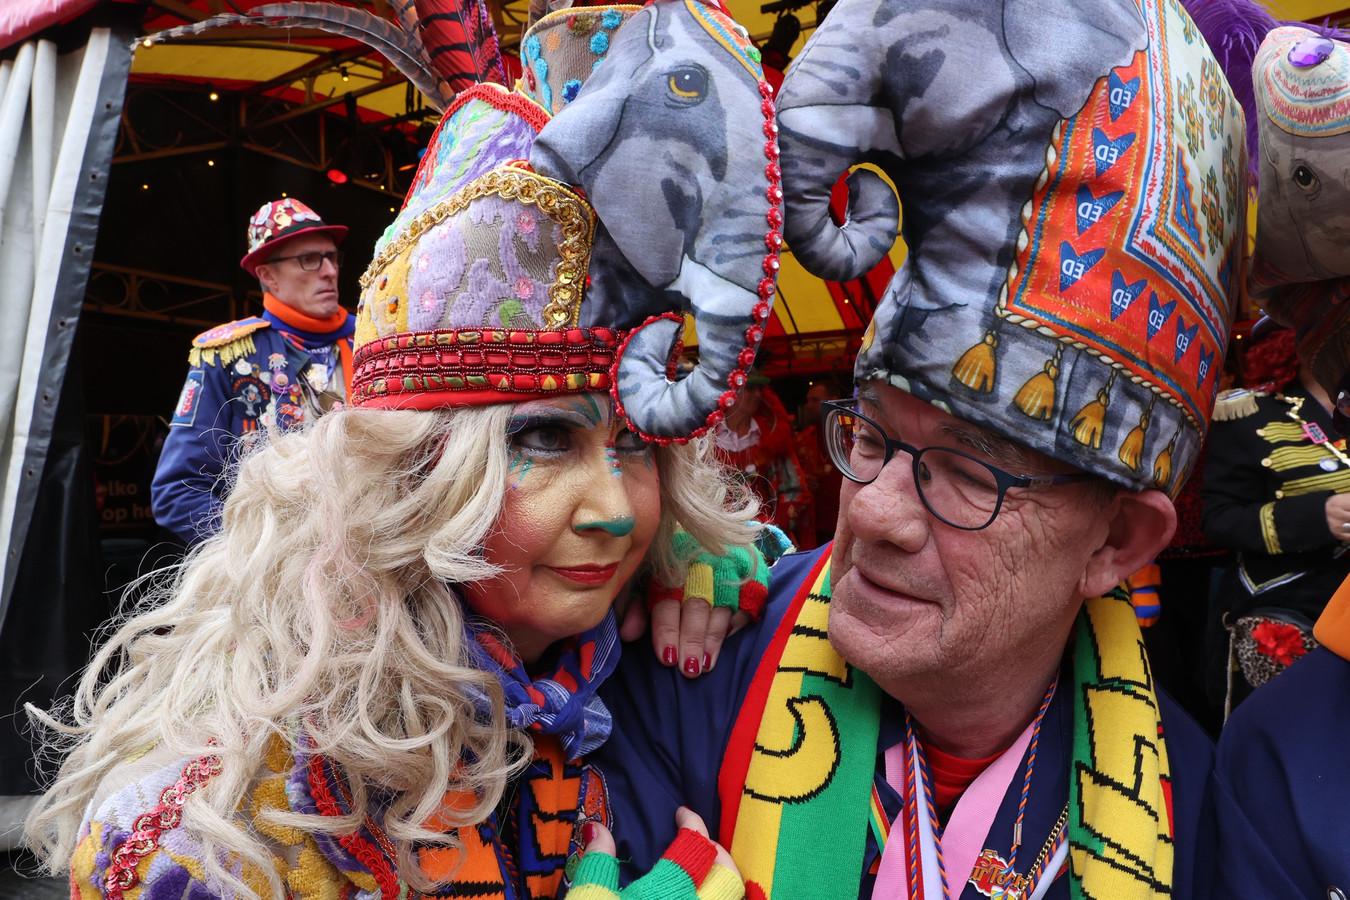 De dertigste Prins Bock dun Urste van carnavalsvereniging Wilhelmina is bedroefd over het afblazen van de optocht.